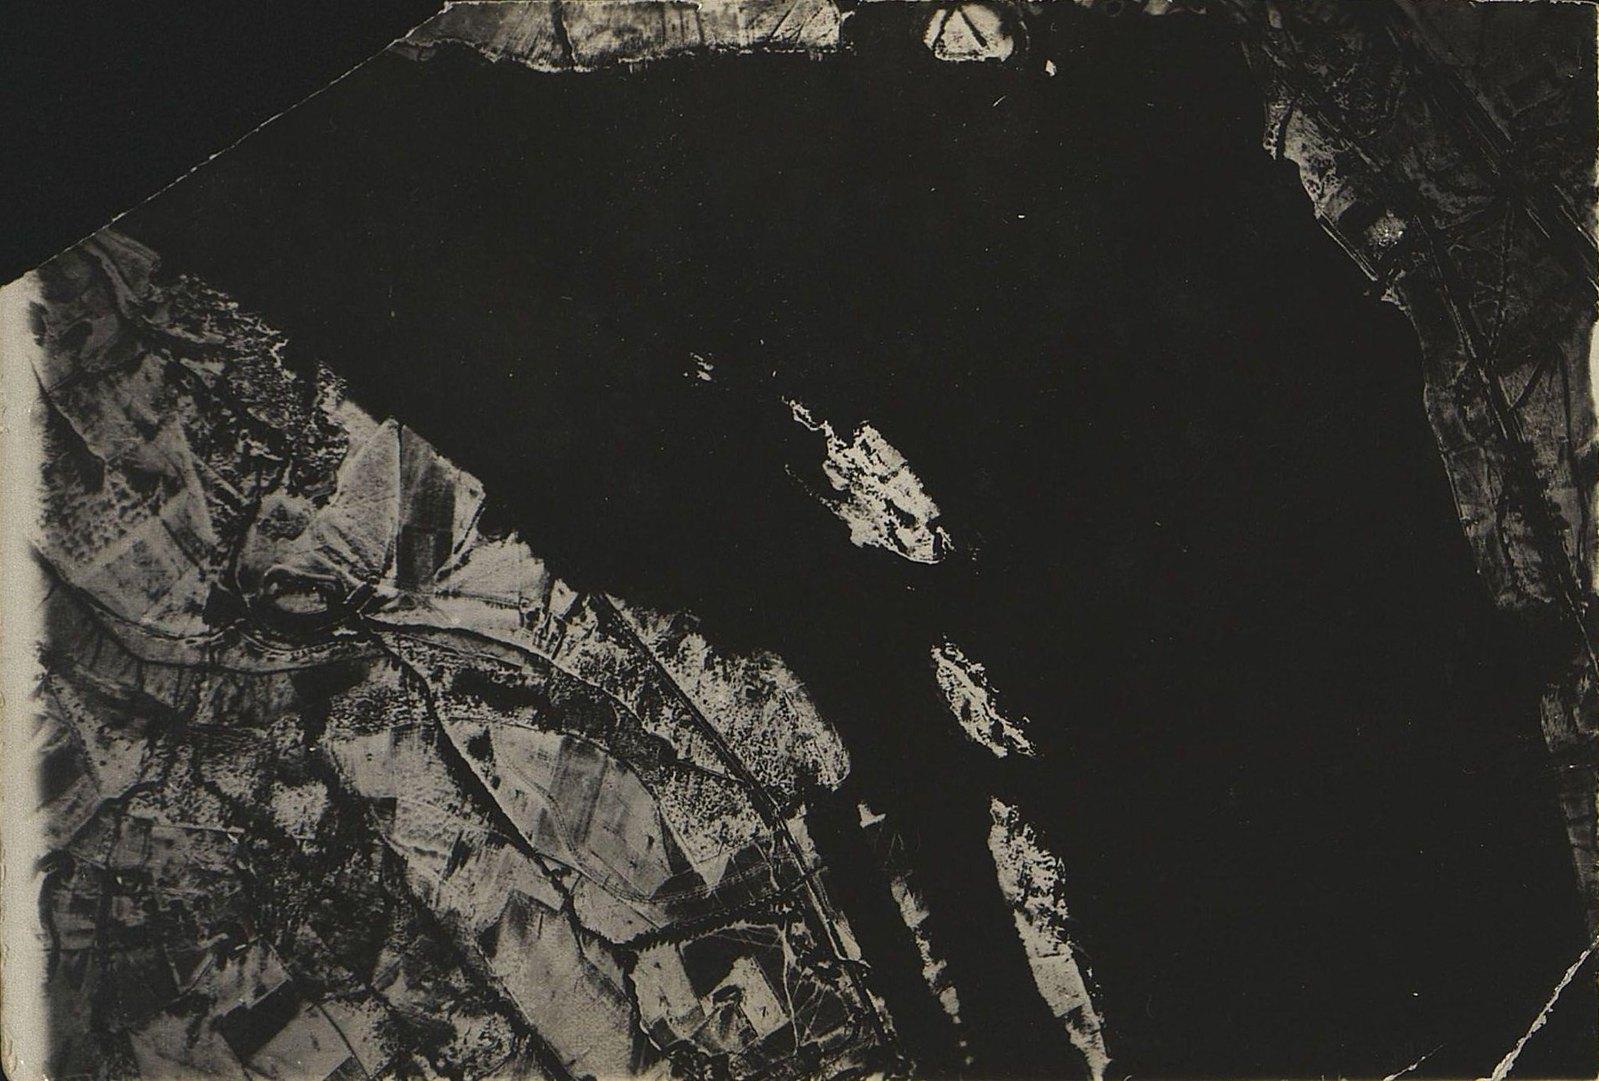 1916. Зимняя фоторазведка Двины (севернее Двинска) на одном из участков Северного фронта (снимок седьмой)